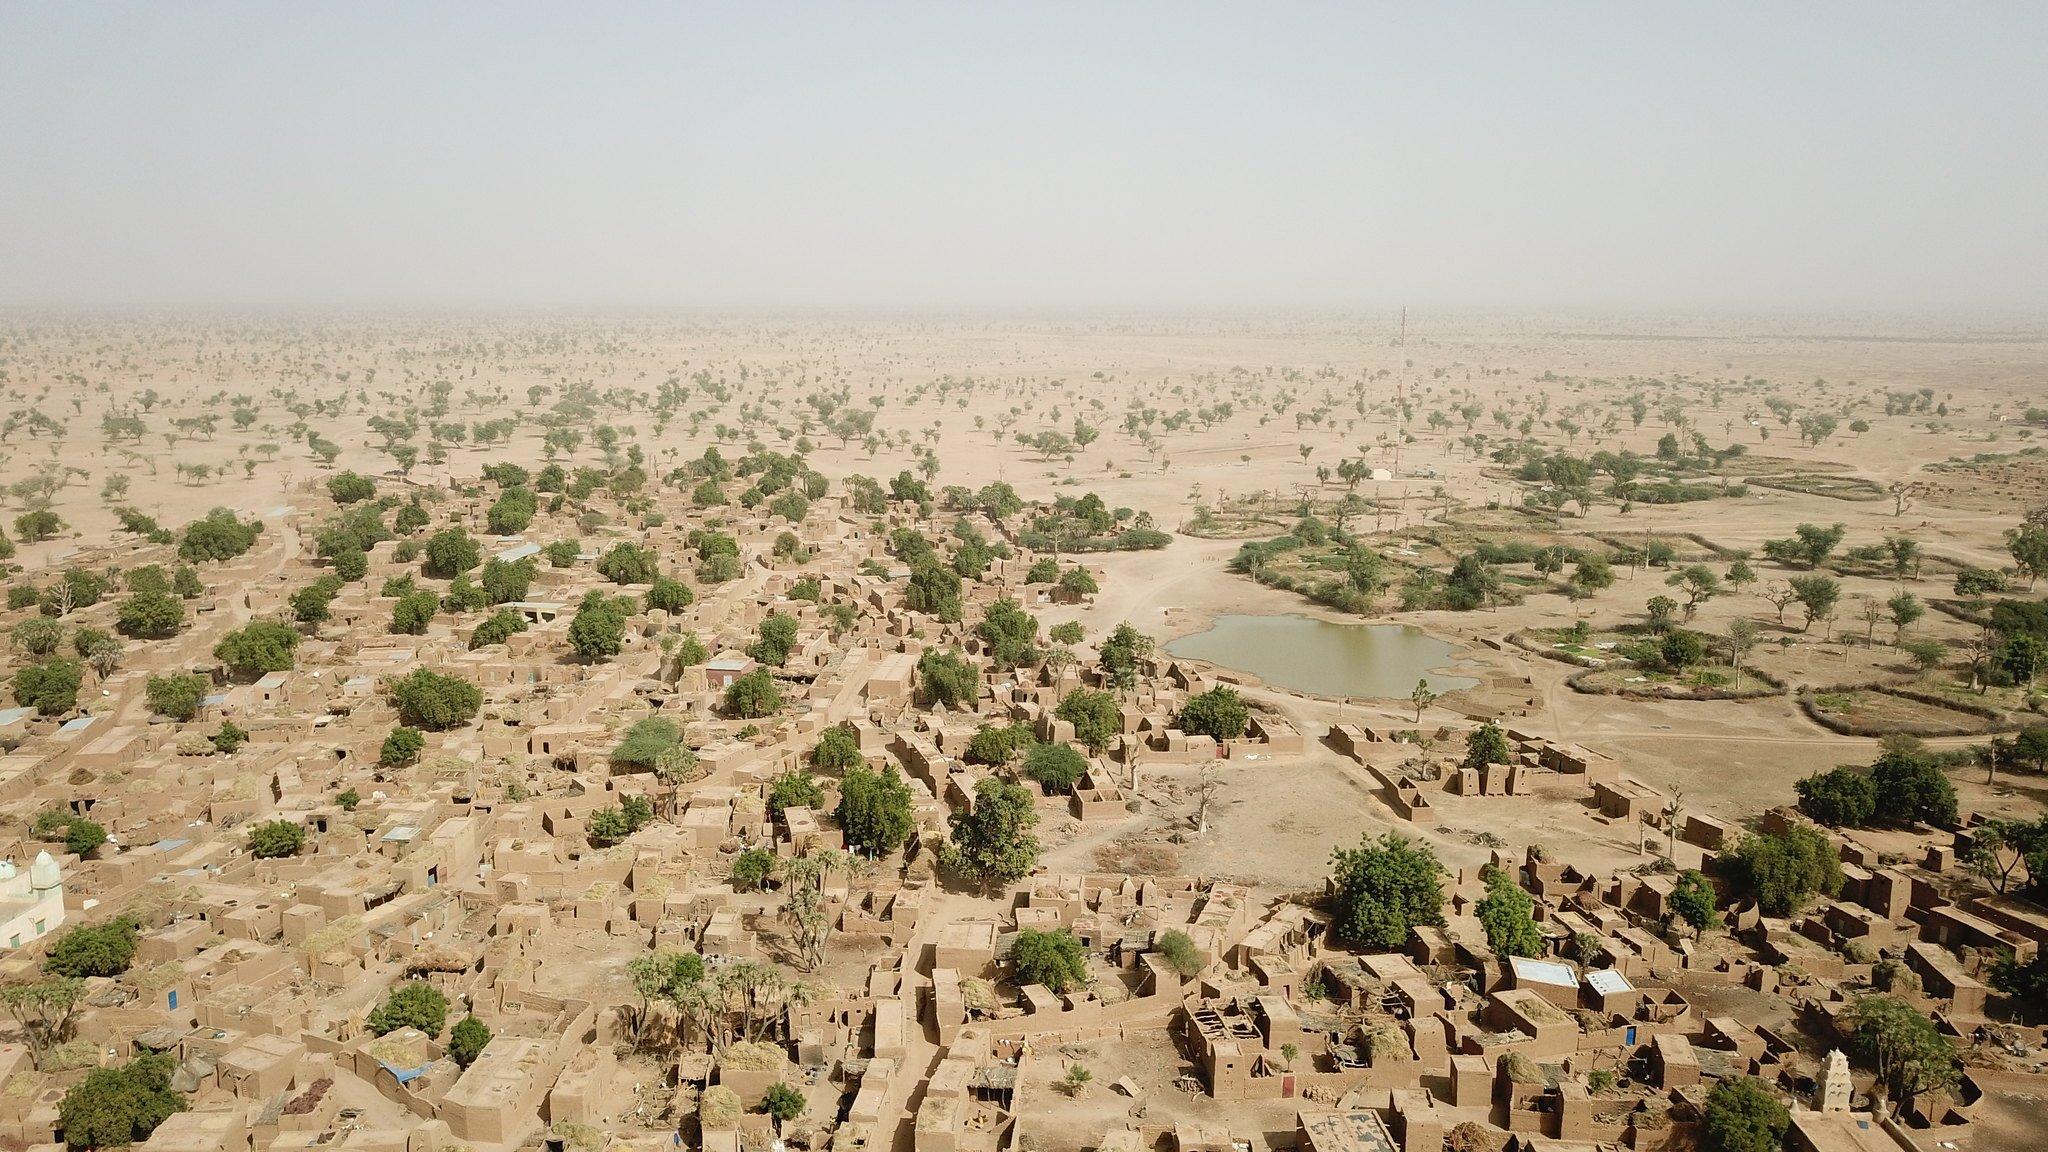 Vue aérienne d'un village du cercle de Koro, dans la région de Mopti, en décembre 2018.